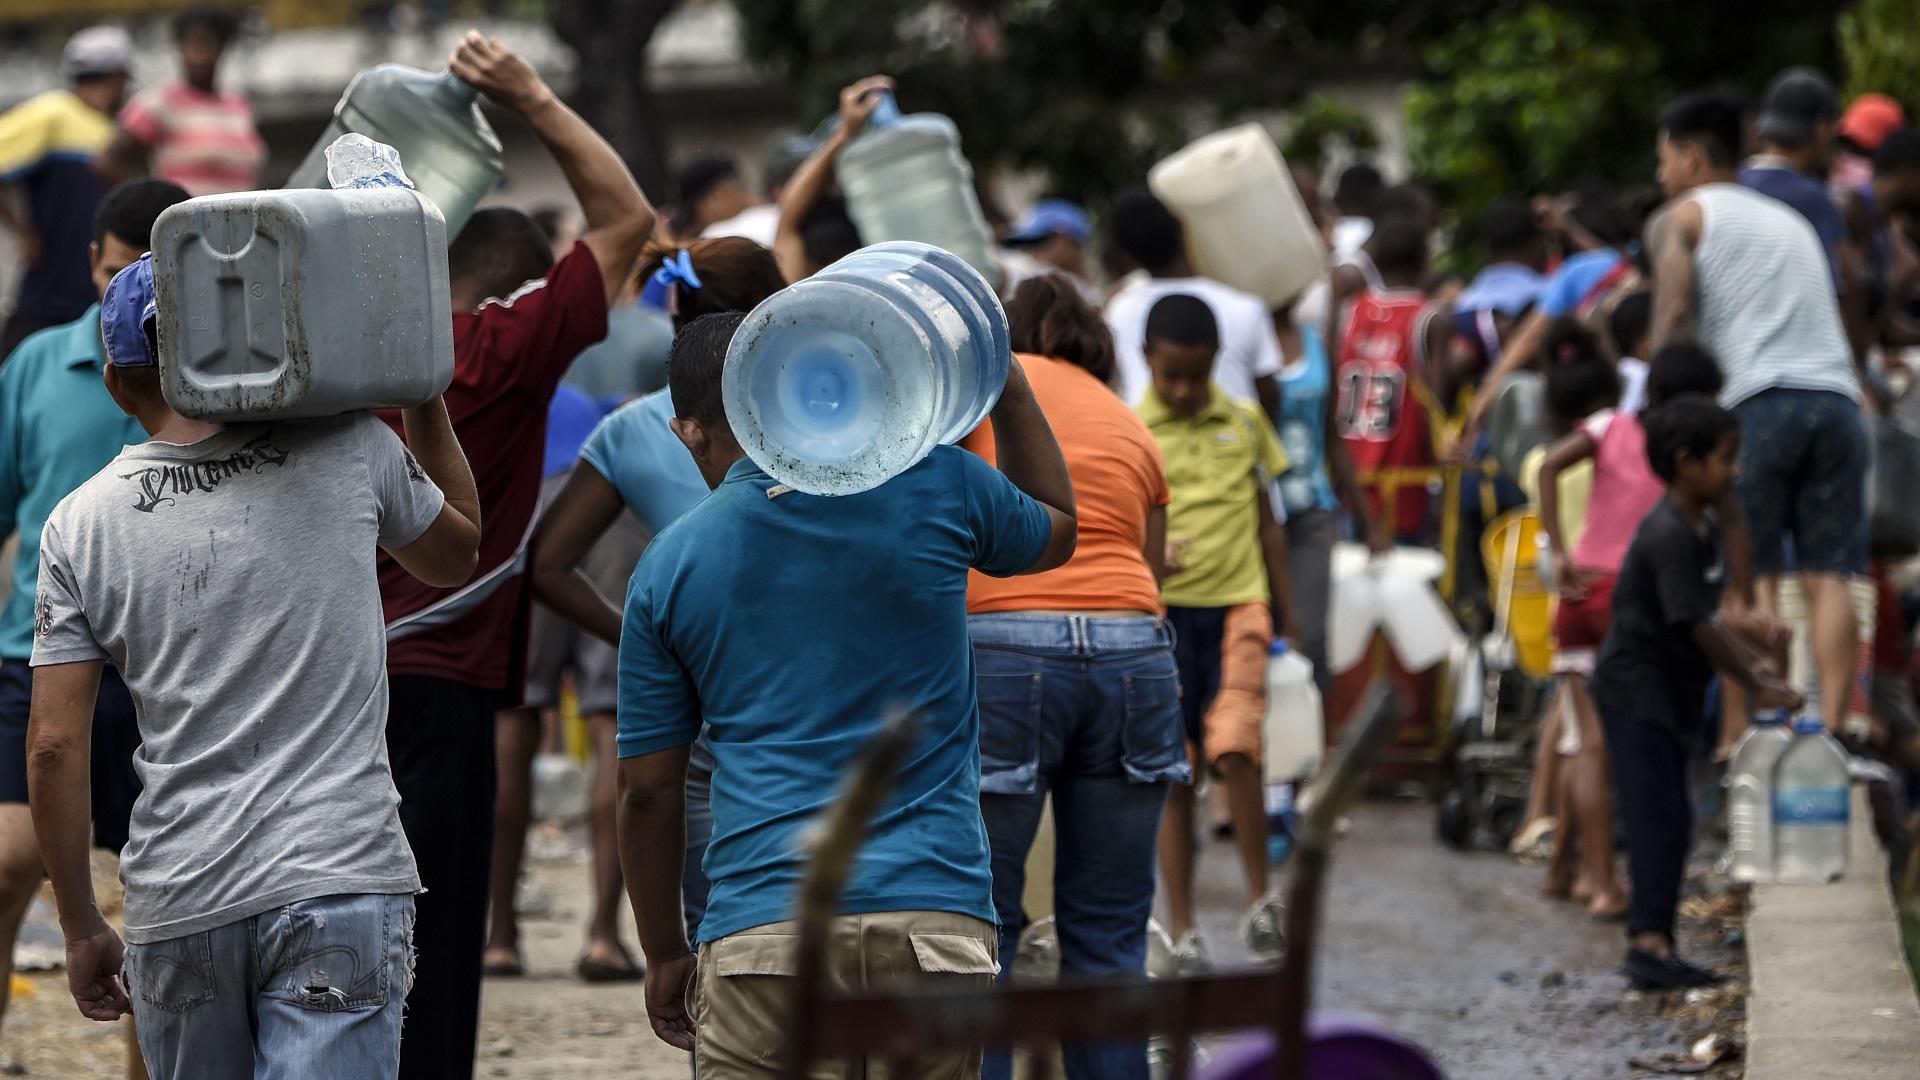 Gente acarreand agua por falta del servicio por apagón. Foto de AFP / Juan Barreto